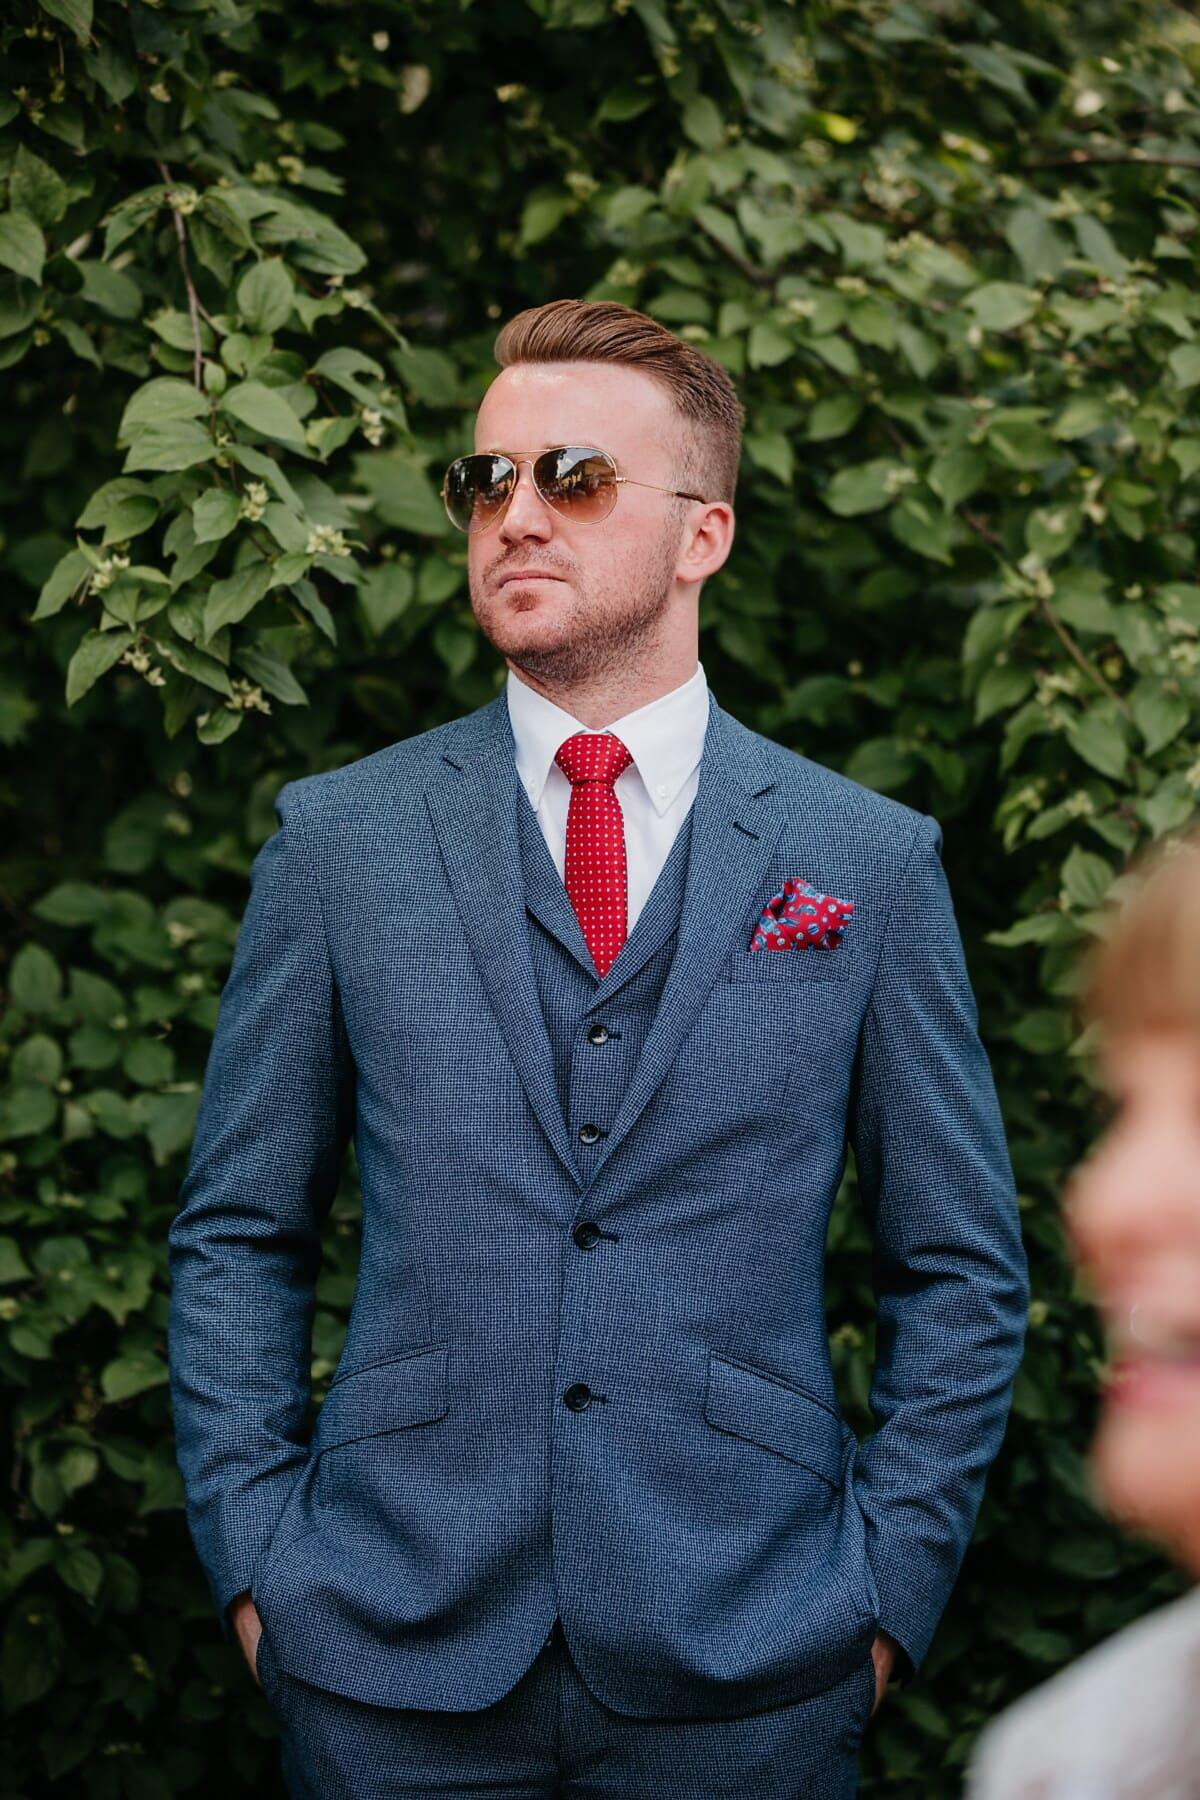 Mann, Gutaussehend, gut aussehend, Smokinganzug, stehende, Geschäftsmann, Manager, Bart, Vertrauen, Sonnenbrille